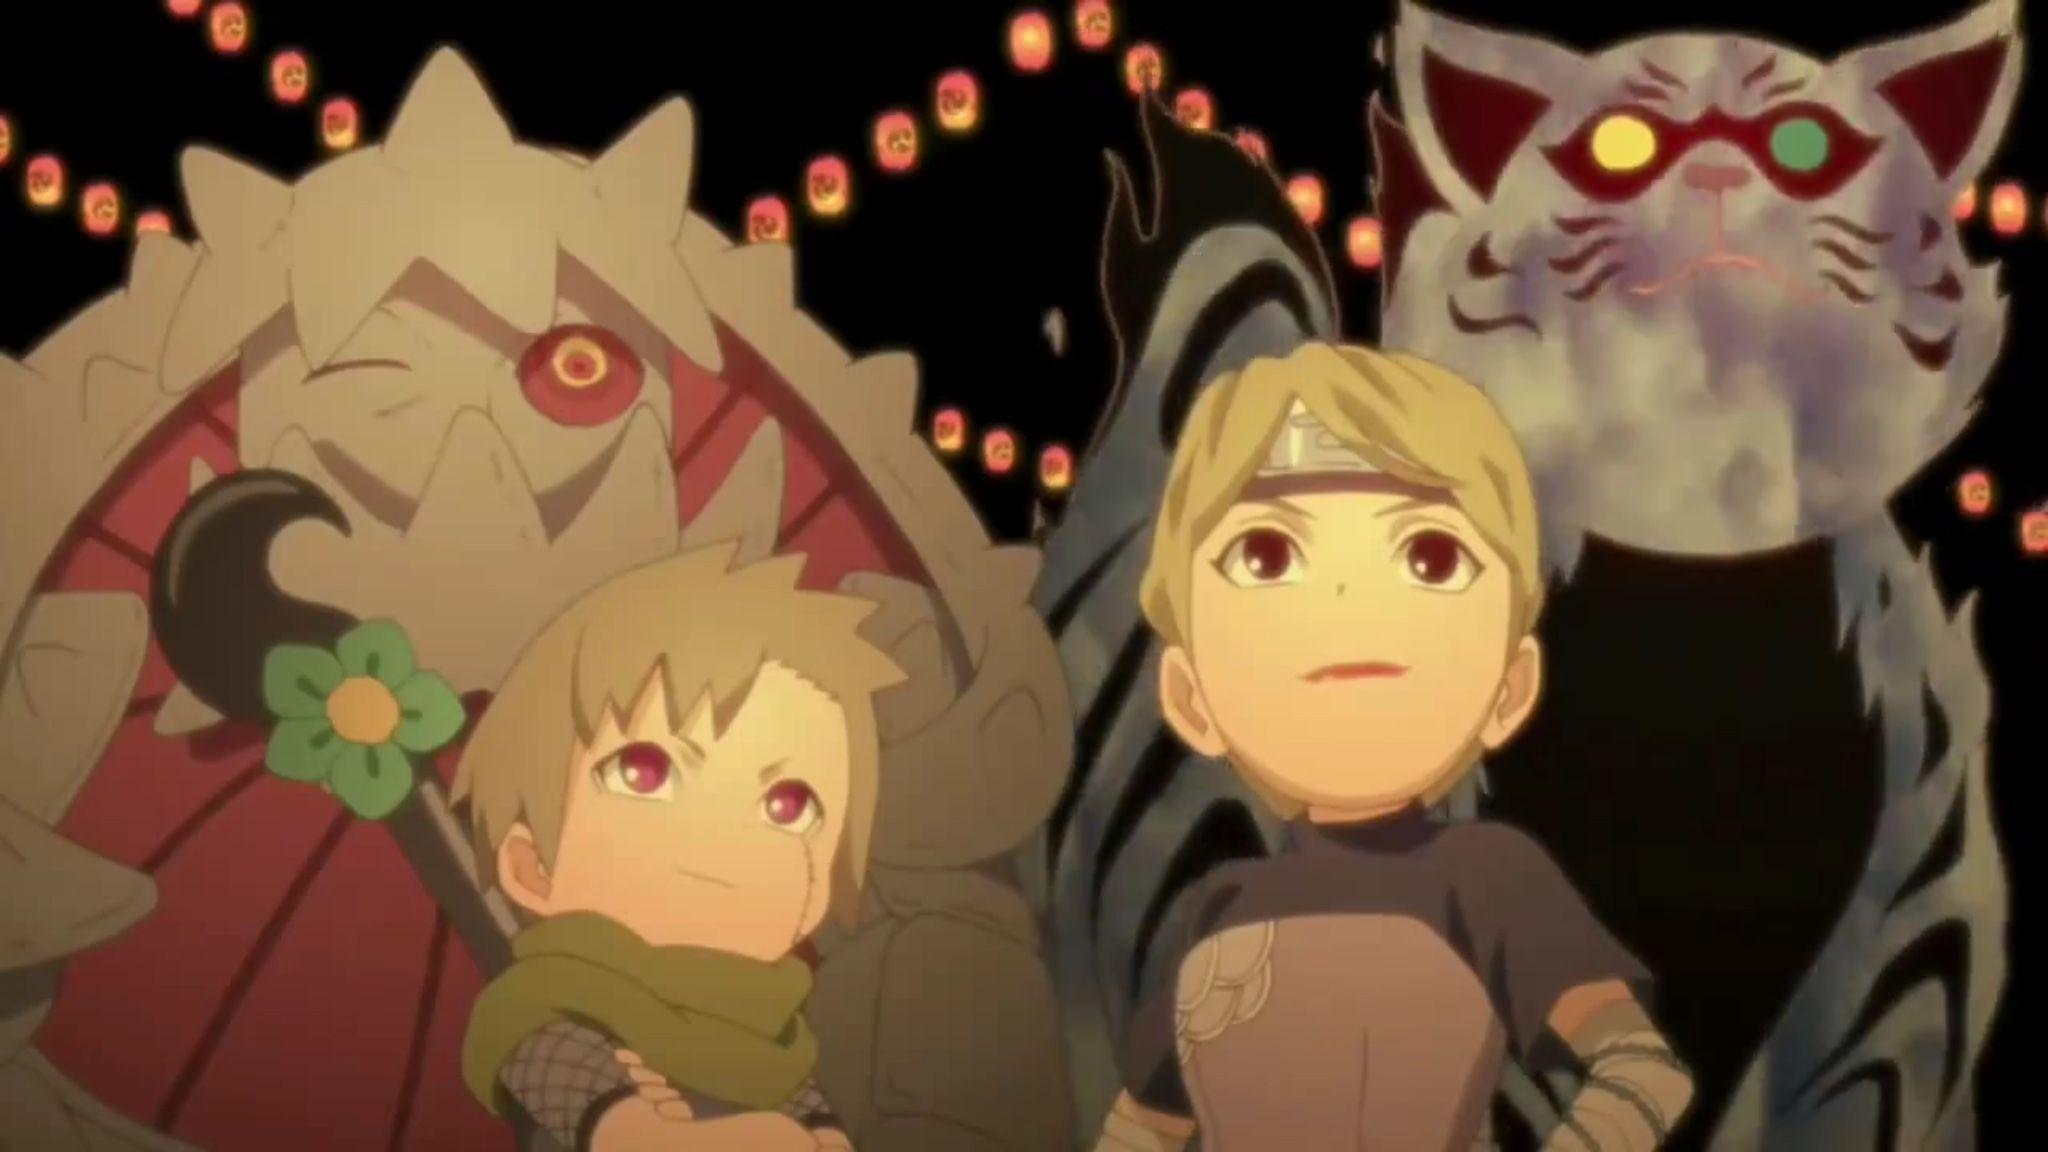 Yugito & Matatabi    Yagura & Isobu    Naruto Shippuden   Anime, Anime  naruto, Anime music